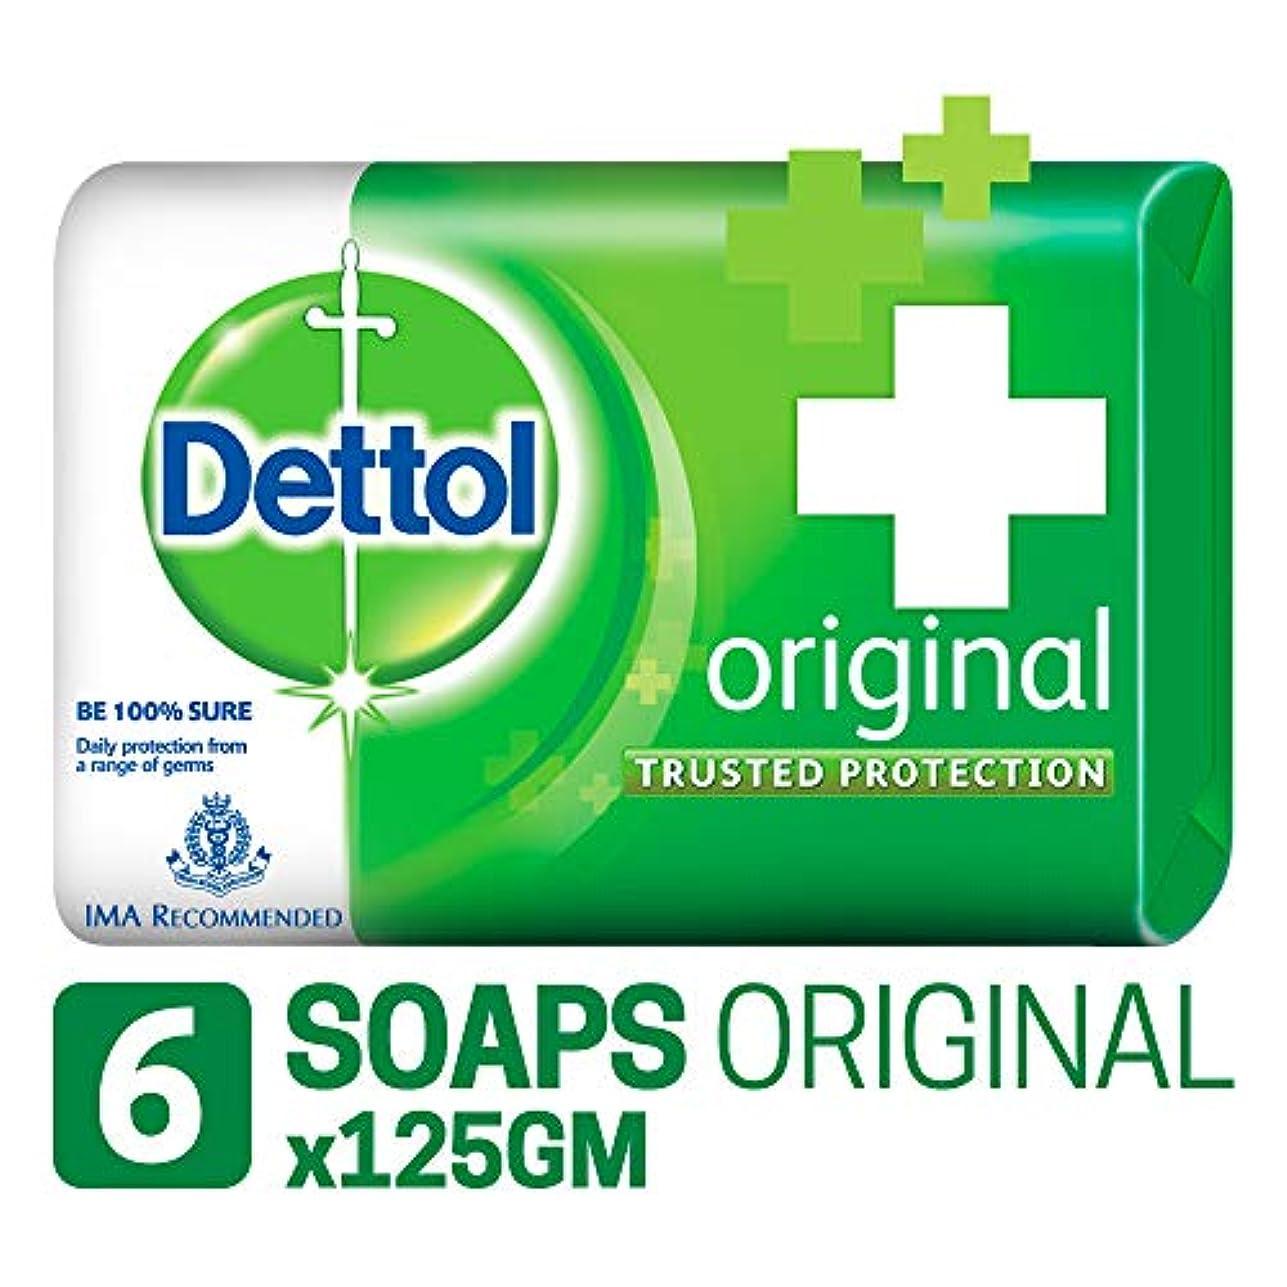 逸脱サラミ苦しめるDettol Original Soap, 125g (Pack Of 6) SHIP FROM INDIA